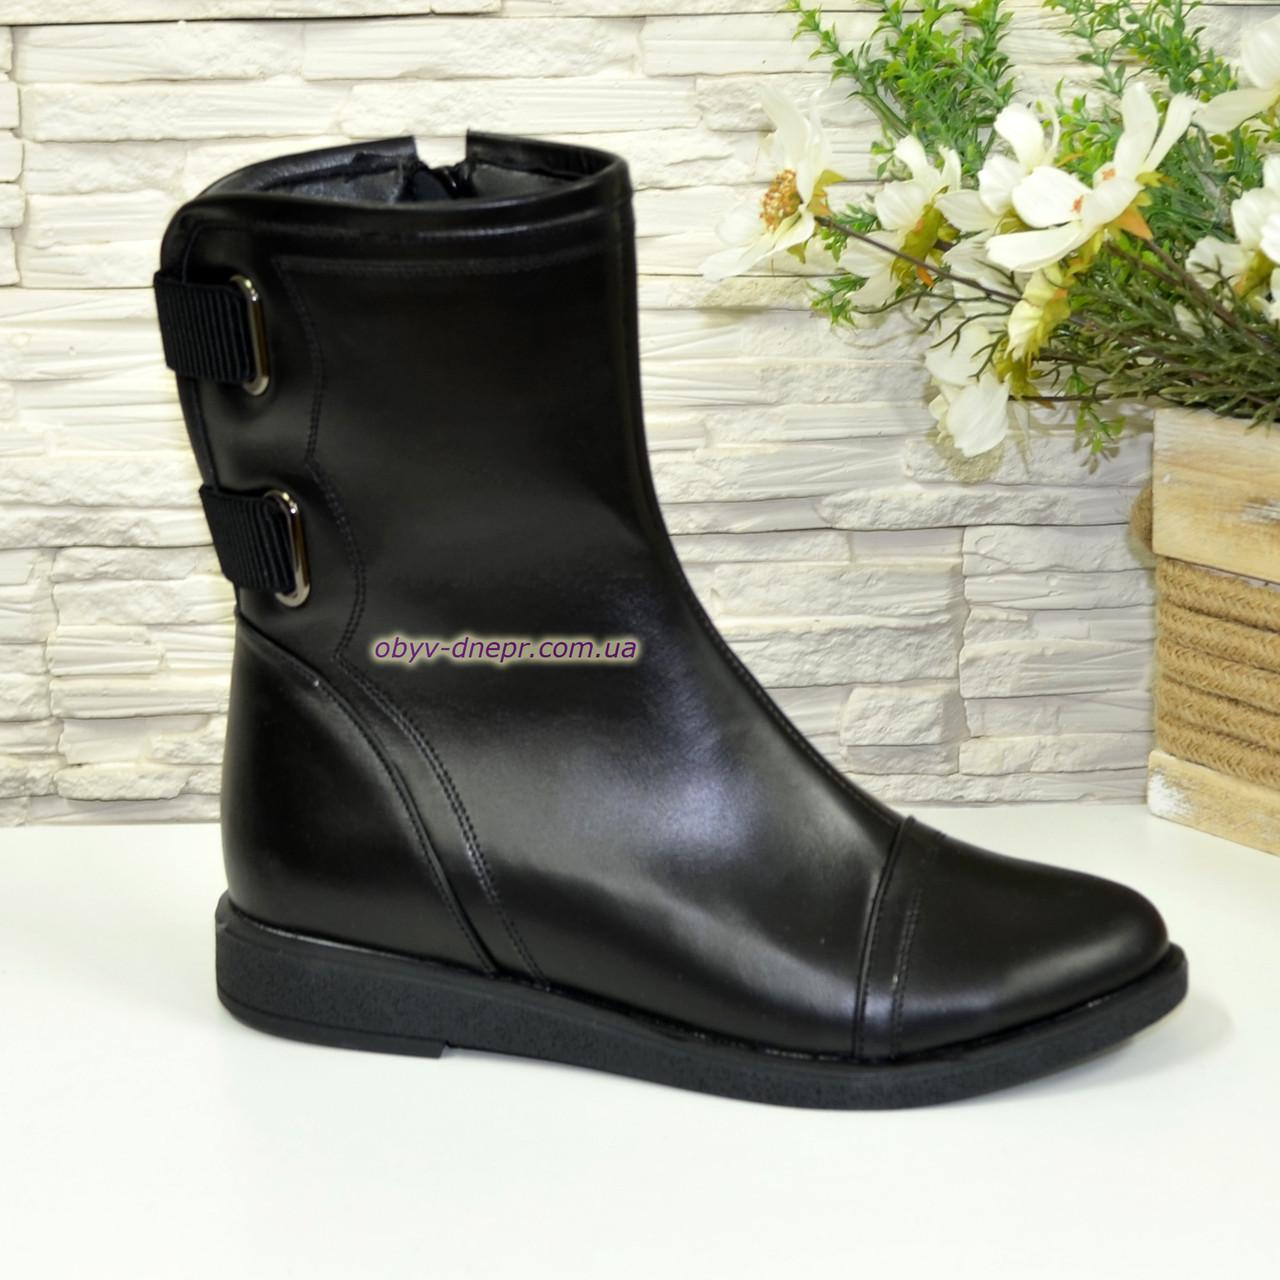 Ботинки женские зимние кожаные на утолщенной подошве, черного цвета.